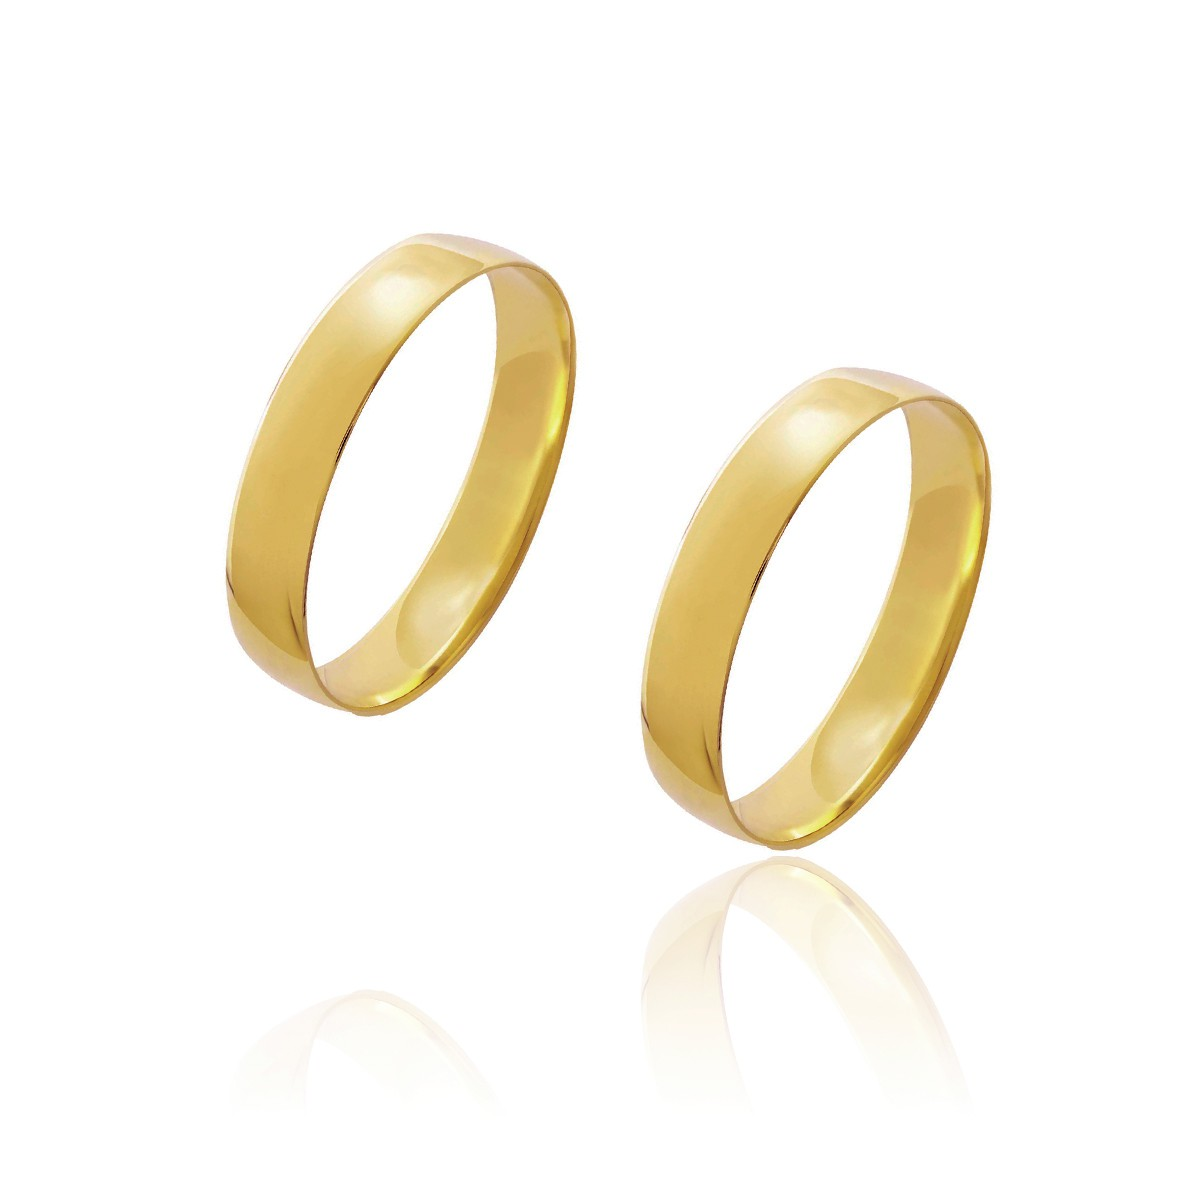 Par de Alianças de Casamento Diana Ouro 18k Abaulada Lisa 4,1mm 3,8g